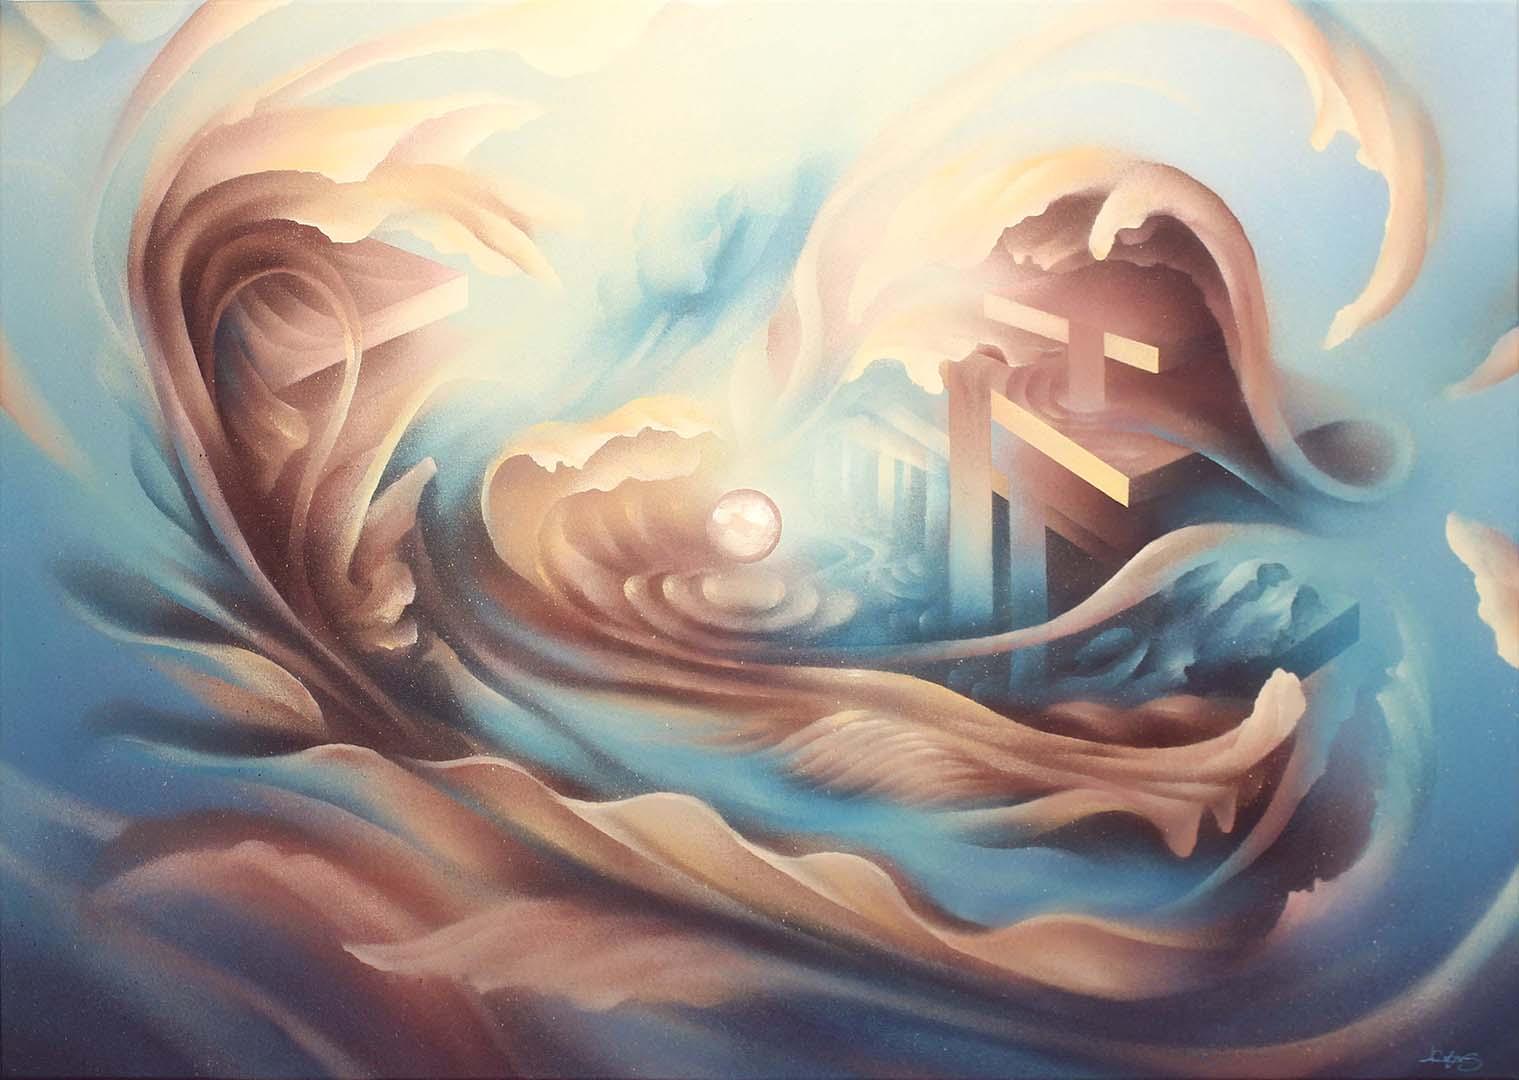 La Naissance de Venus – Stage II